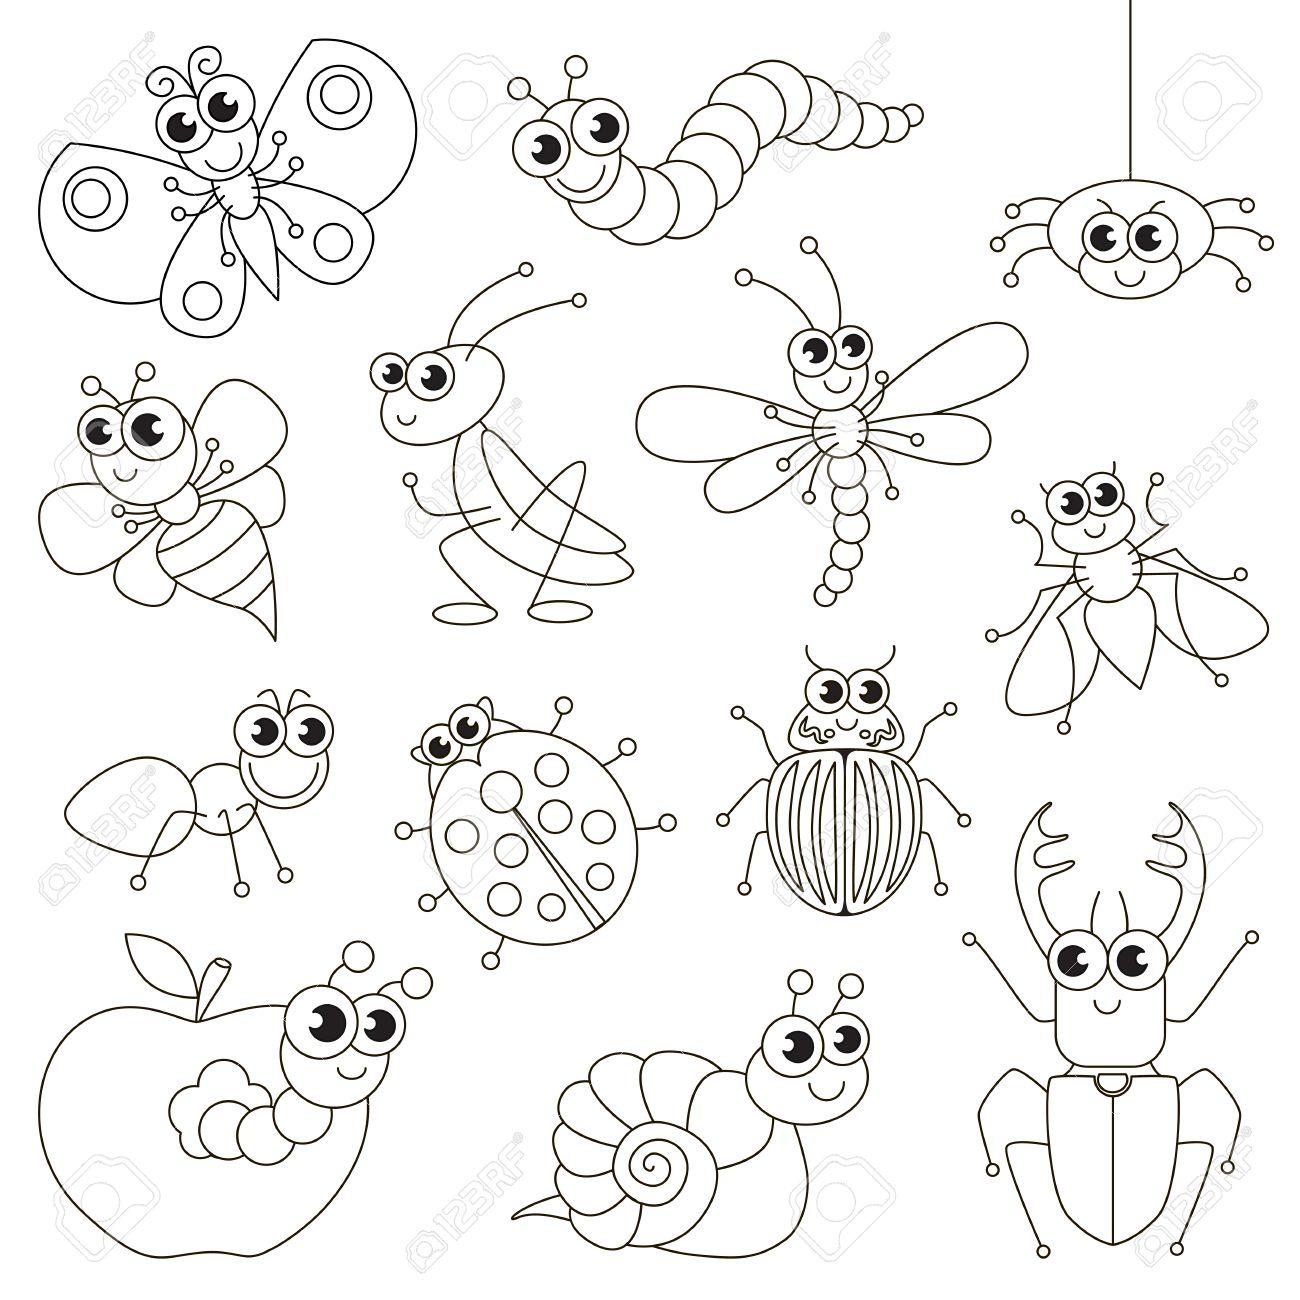 かわいい小さな虫はレベルが簡単な教育ゲーム就学前の子供のための